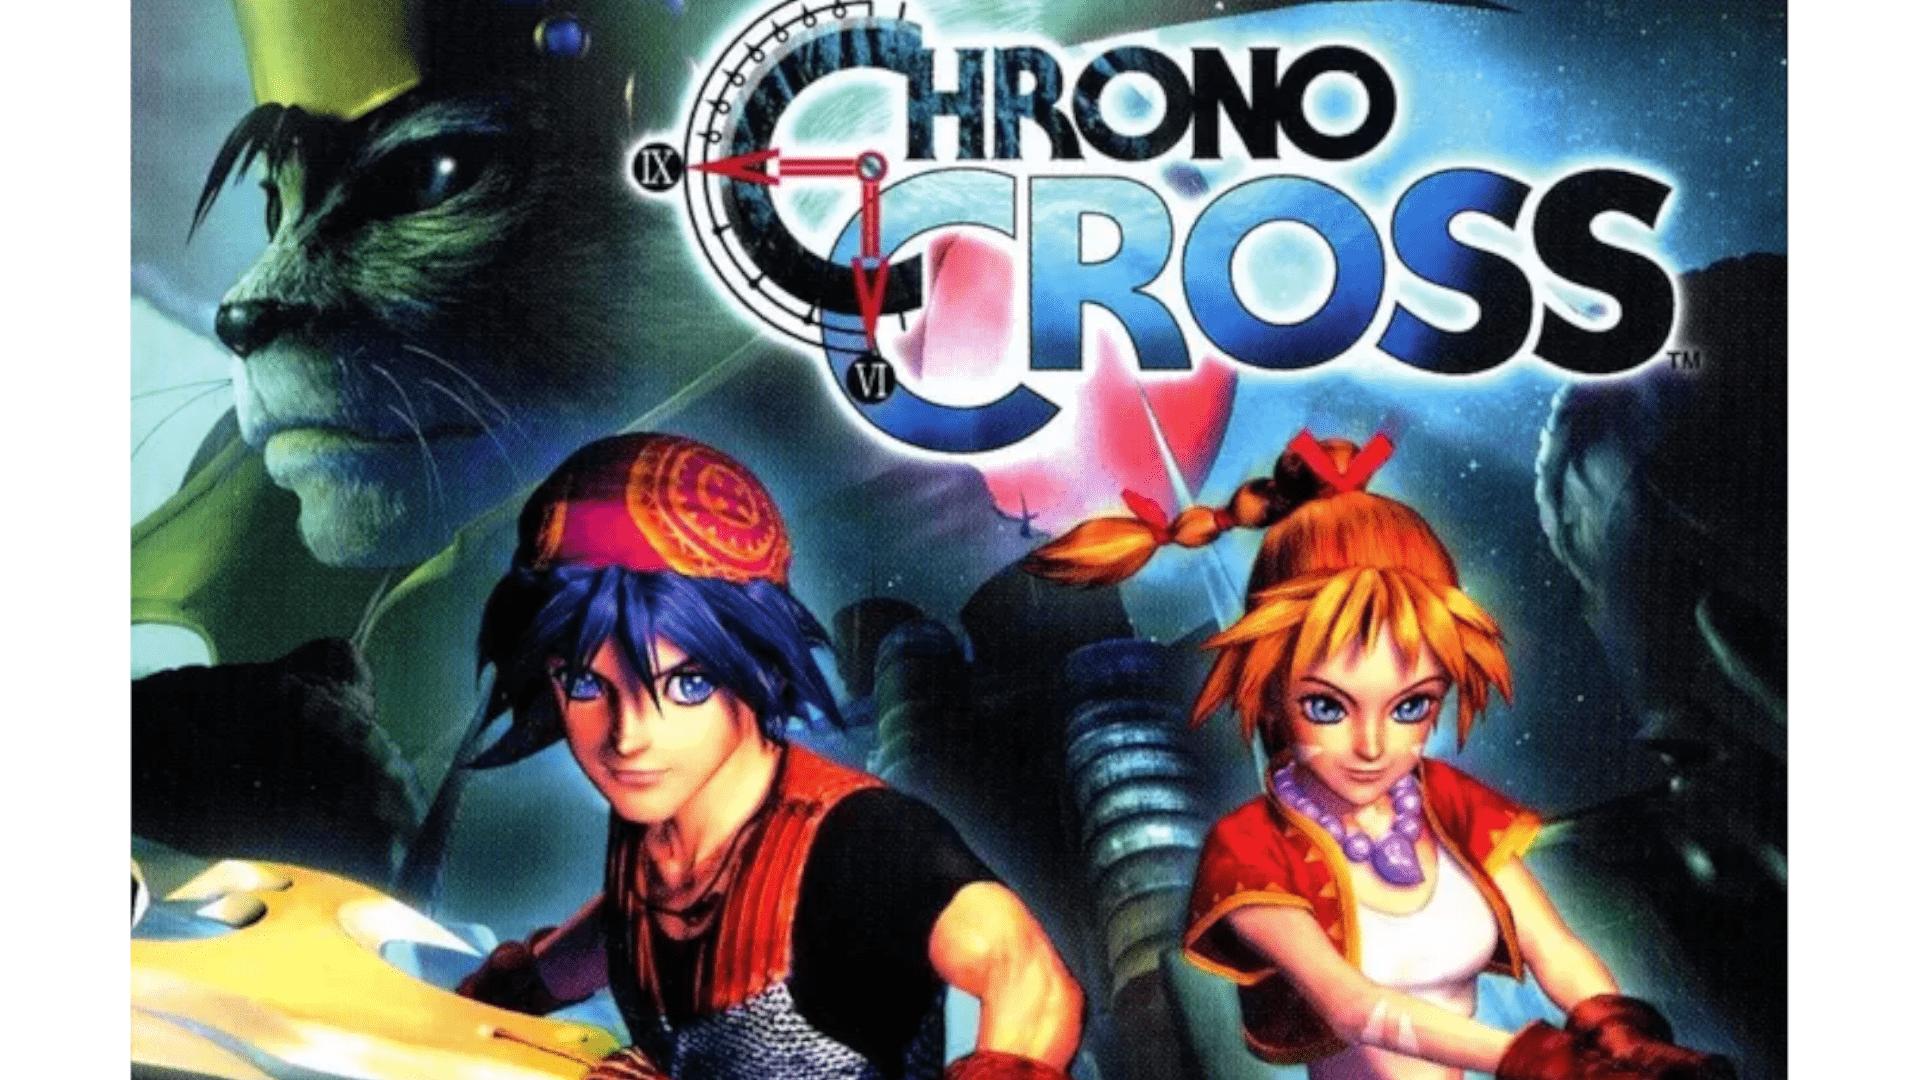 Chrono Cross se passa no mesmo universo, mas com personagens novos (Foto: Divulgação/Square Enix)